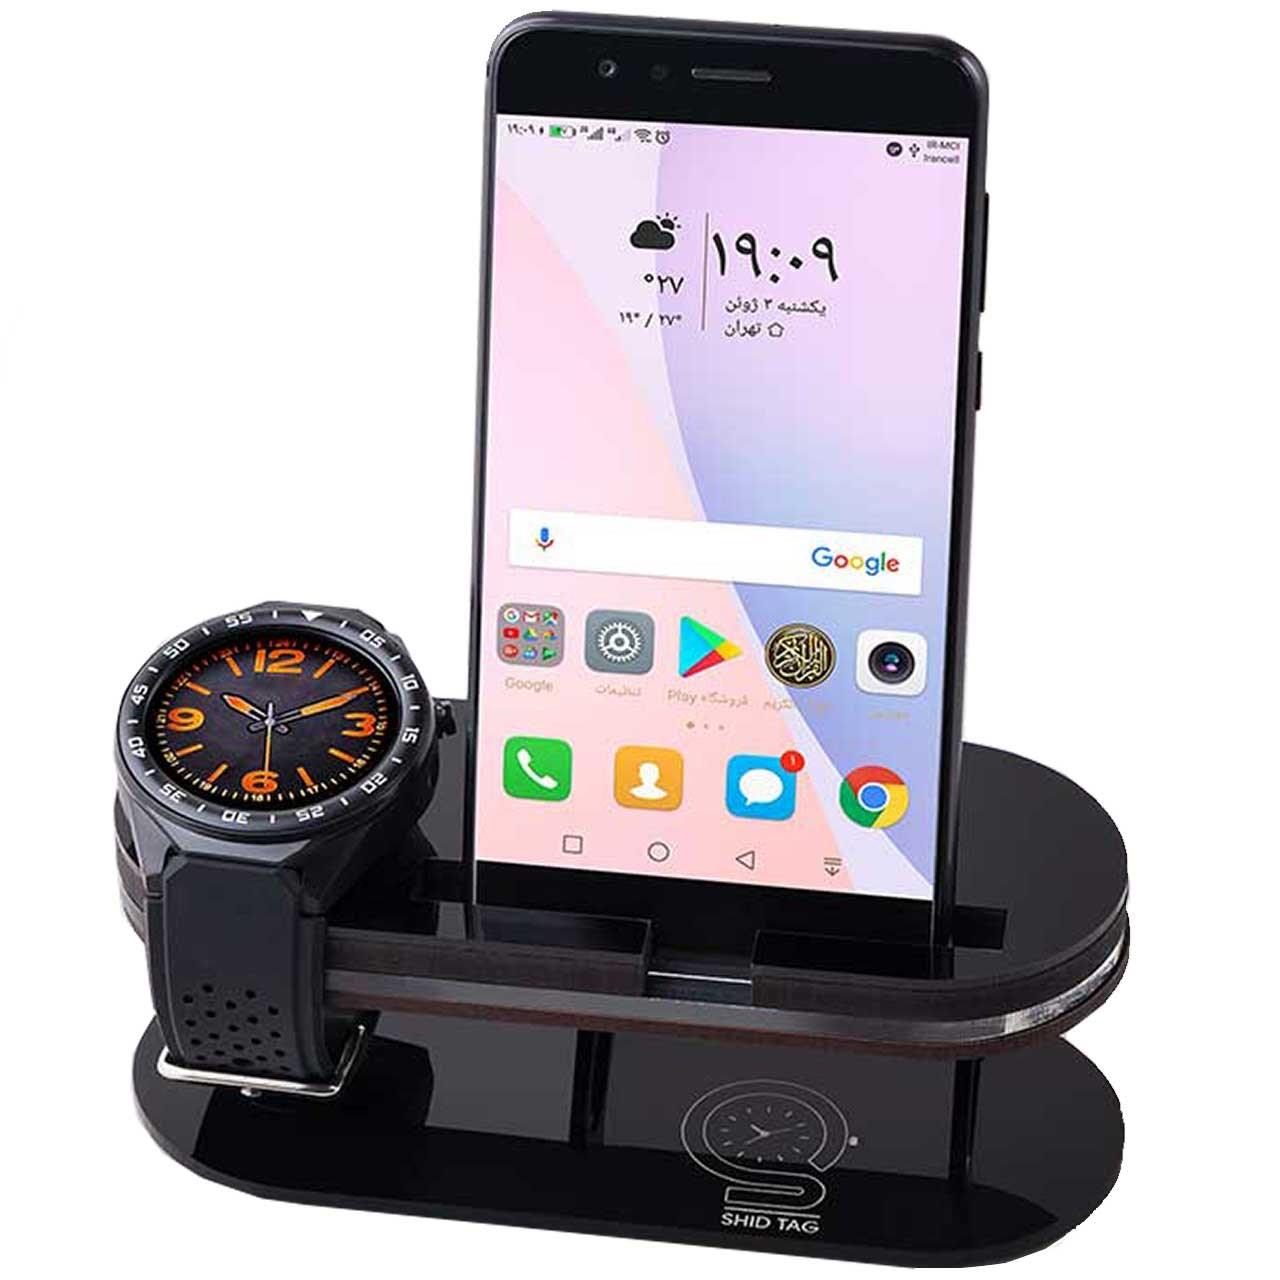 قیمت پایه نگهدارنده   ساعت هوشمند و گوشی موبایل  شیدتگ